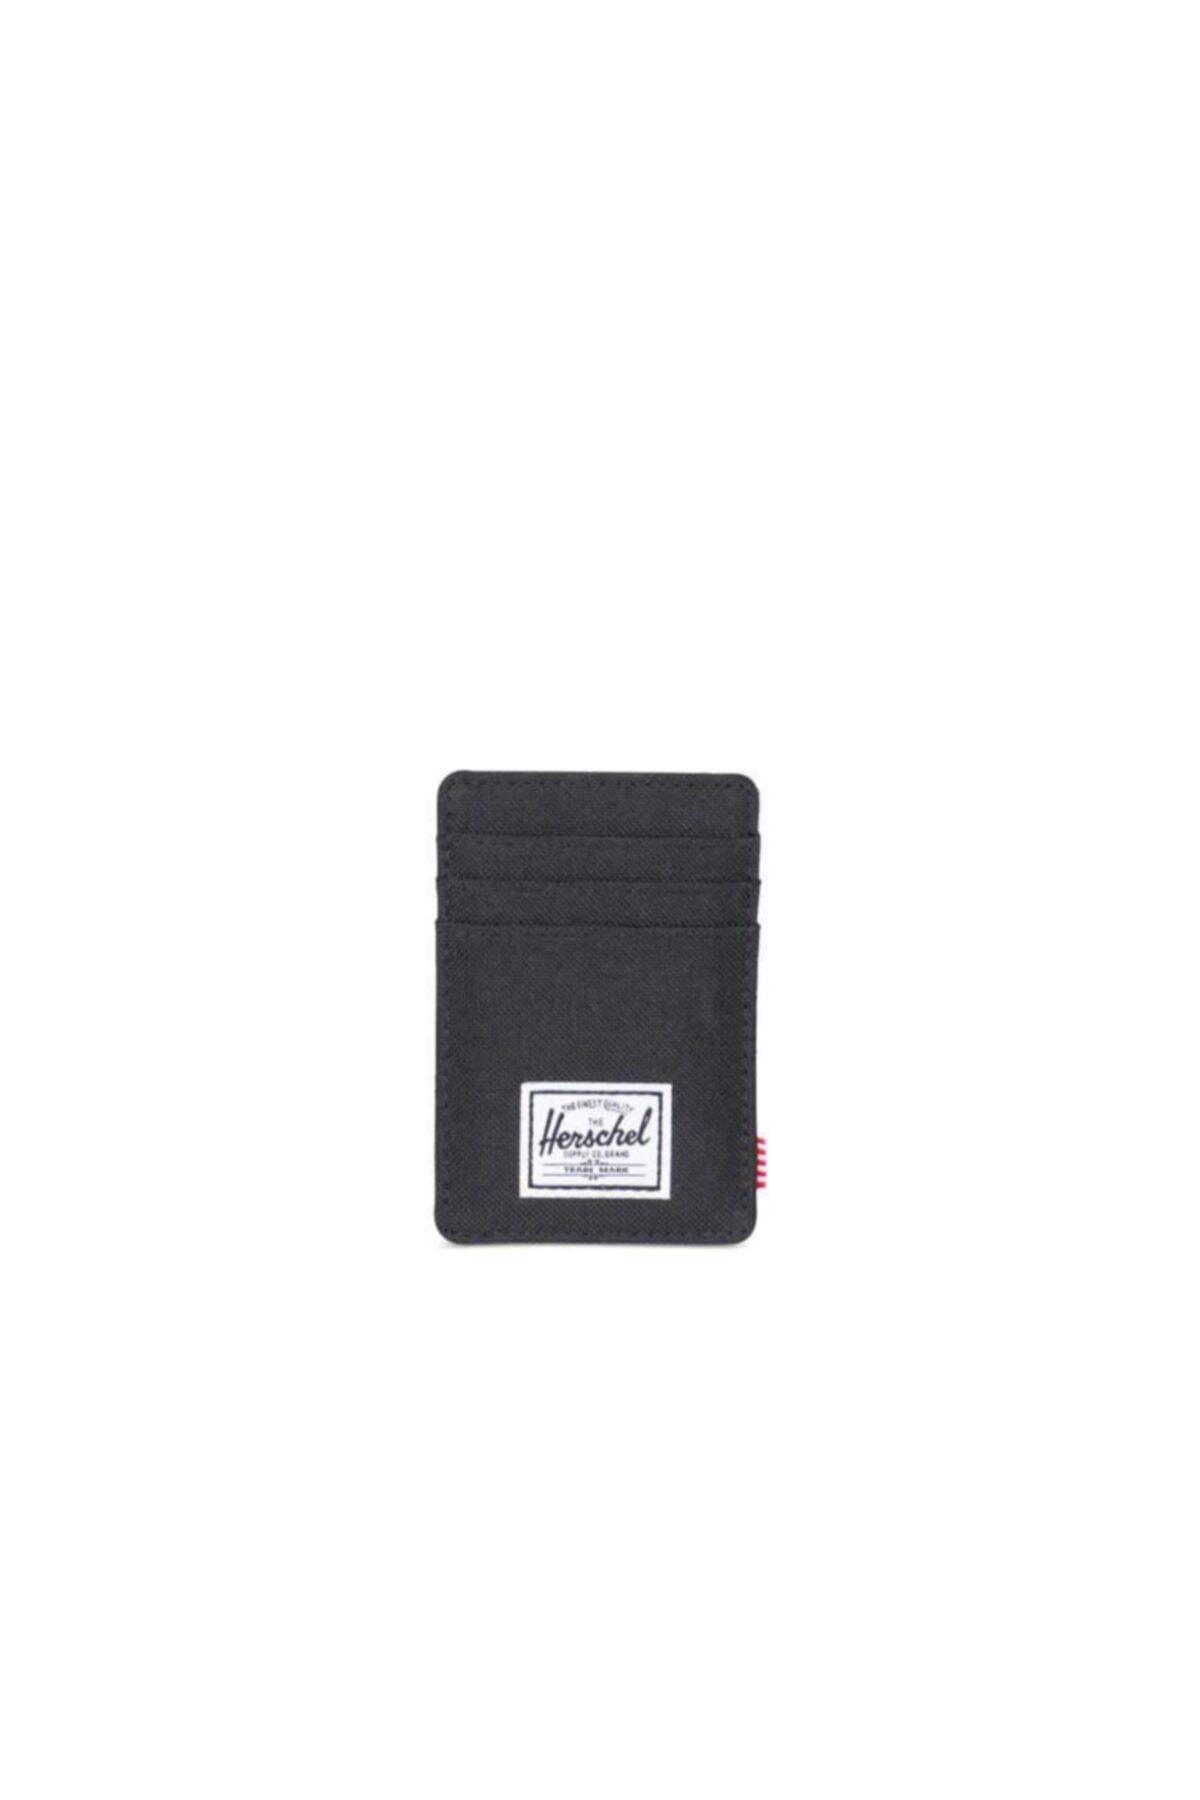 سفارش اینترنتی کیف کارت بانکی  برند Herschel Supply Co. رنگ مشکی کد ty4169561